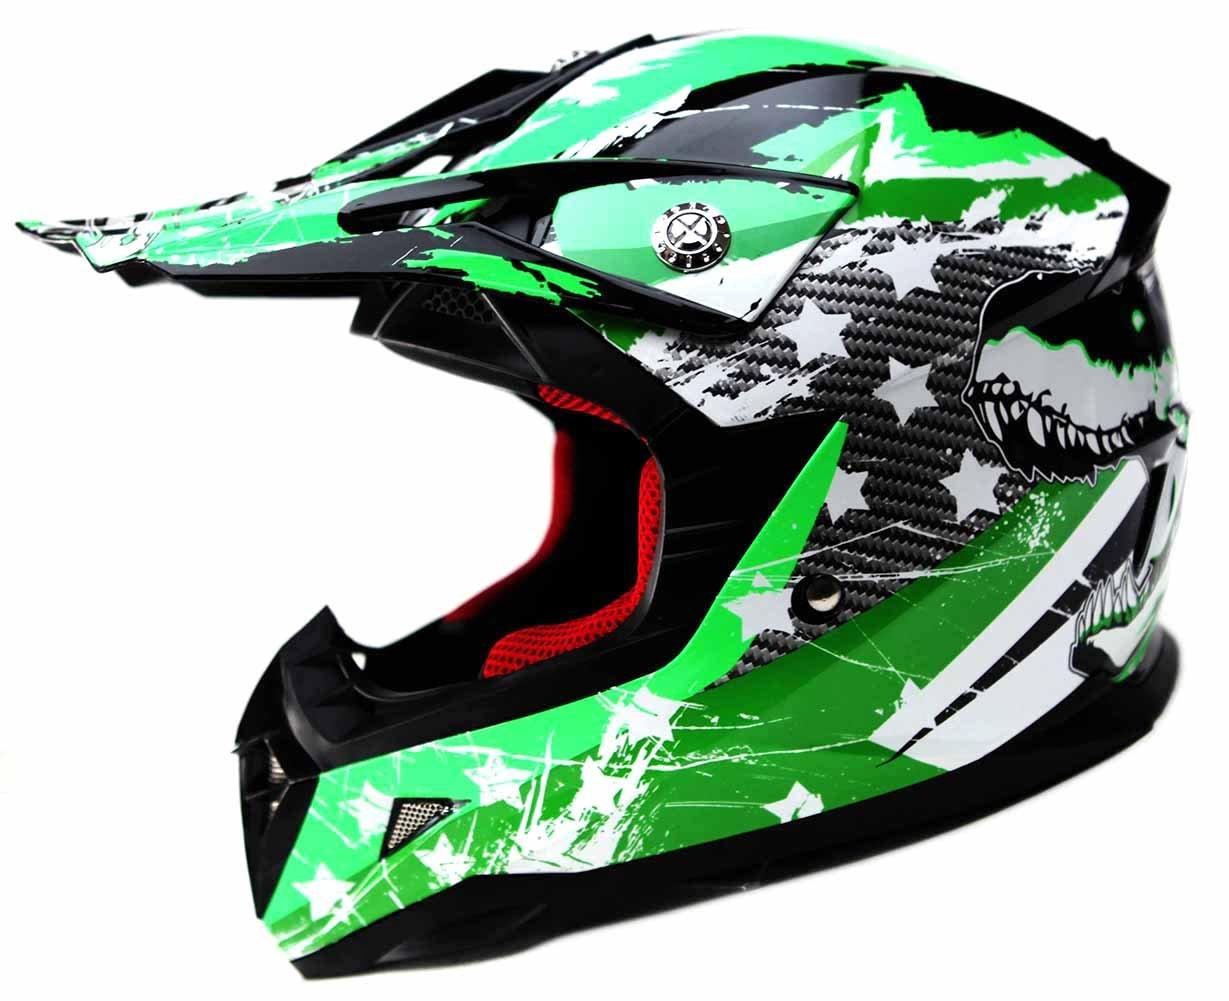 genuina alta calidad Negro M Casco Motocross Niño Niño Niño ECE Homologado - YEMA YM-211 Casco de Moto Infantil Cross Integral Enduro Infantil para Mujer Hombre Adultos, M  Hay más marcas de productos de alta calidad.